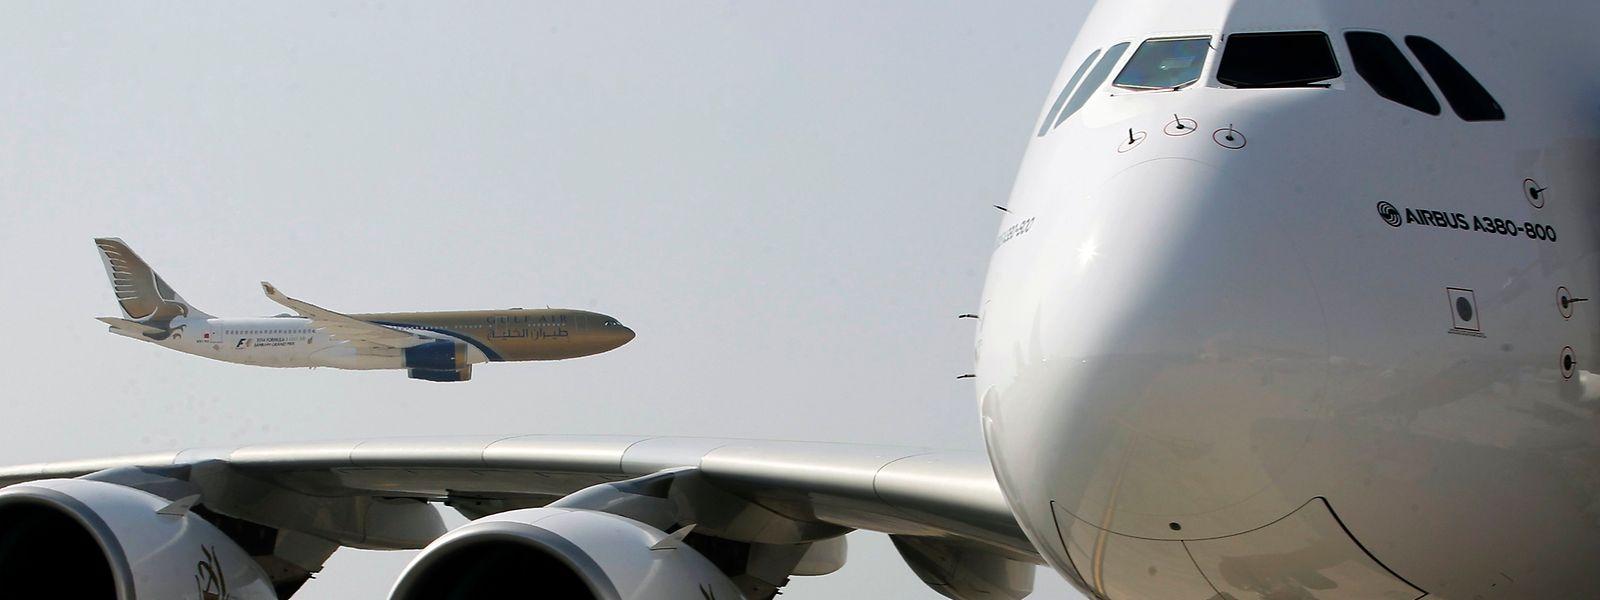 Obwohl die Welthandelsorganisation (WTO) beim US-Flugzeugbauer Boeing verbotene Subventionen sieht, droht Washington der EU mit Strafzöllen.